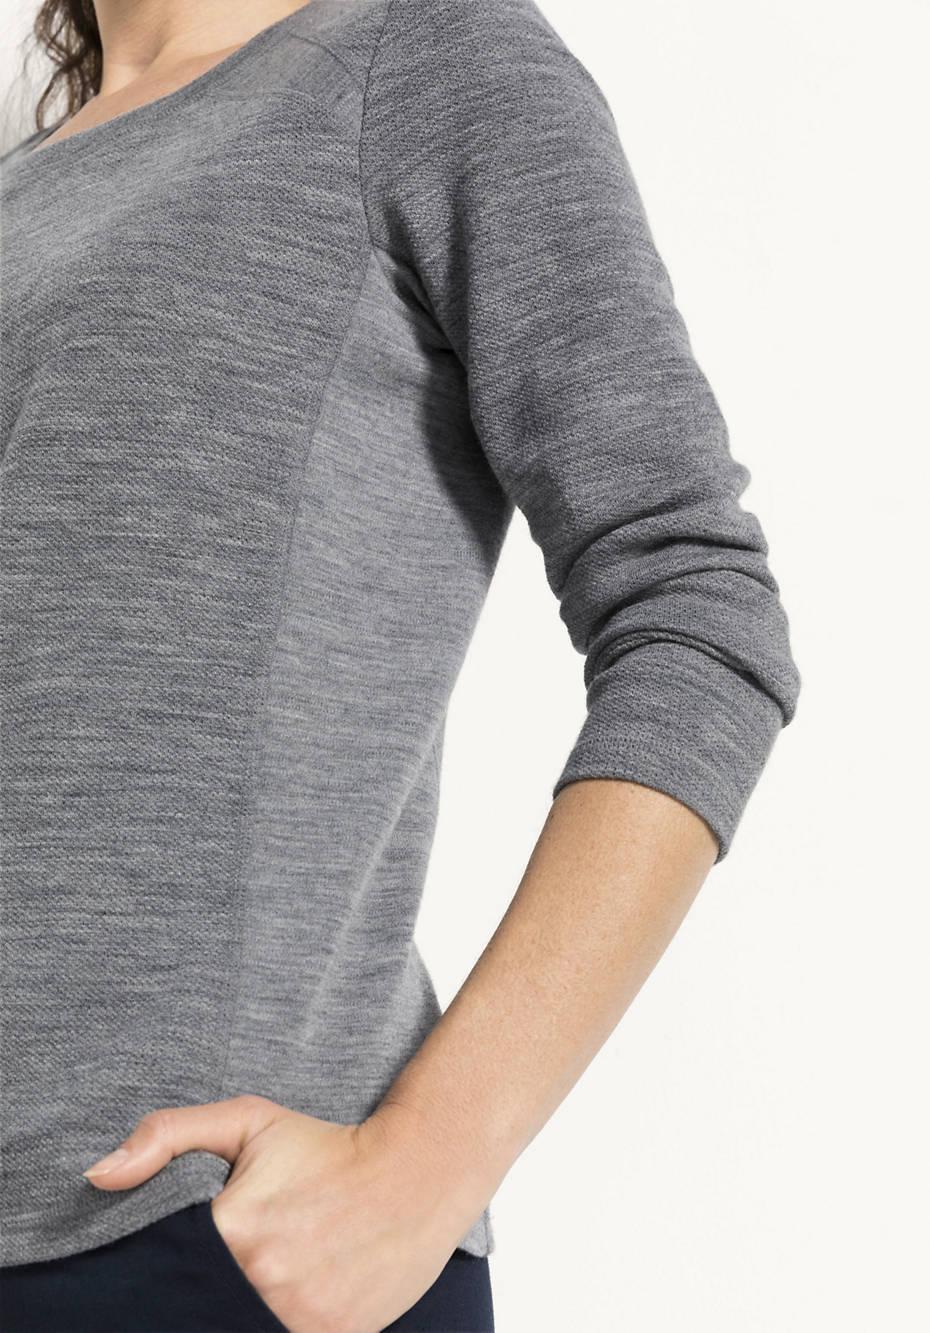 Damen Woll-Sweatshirt aus reiner Bio-Merinowolle